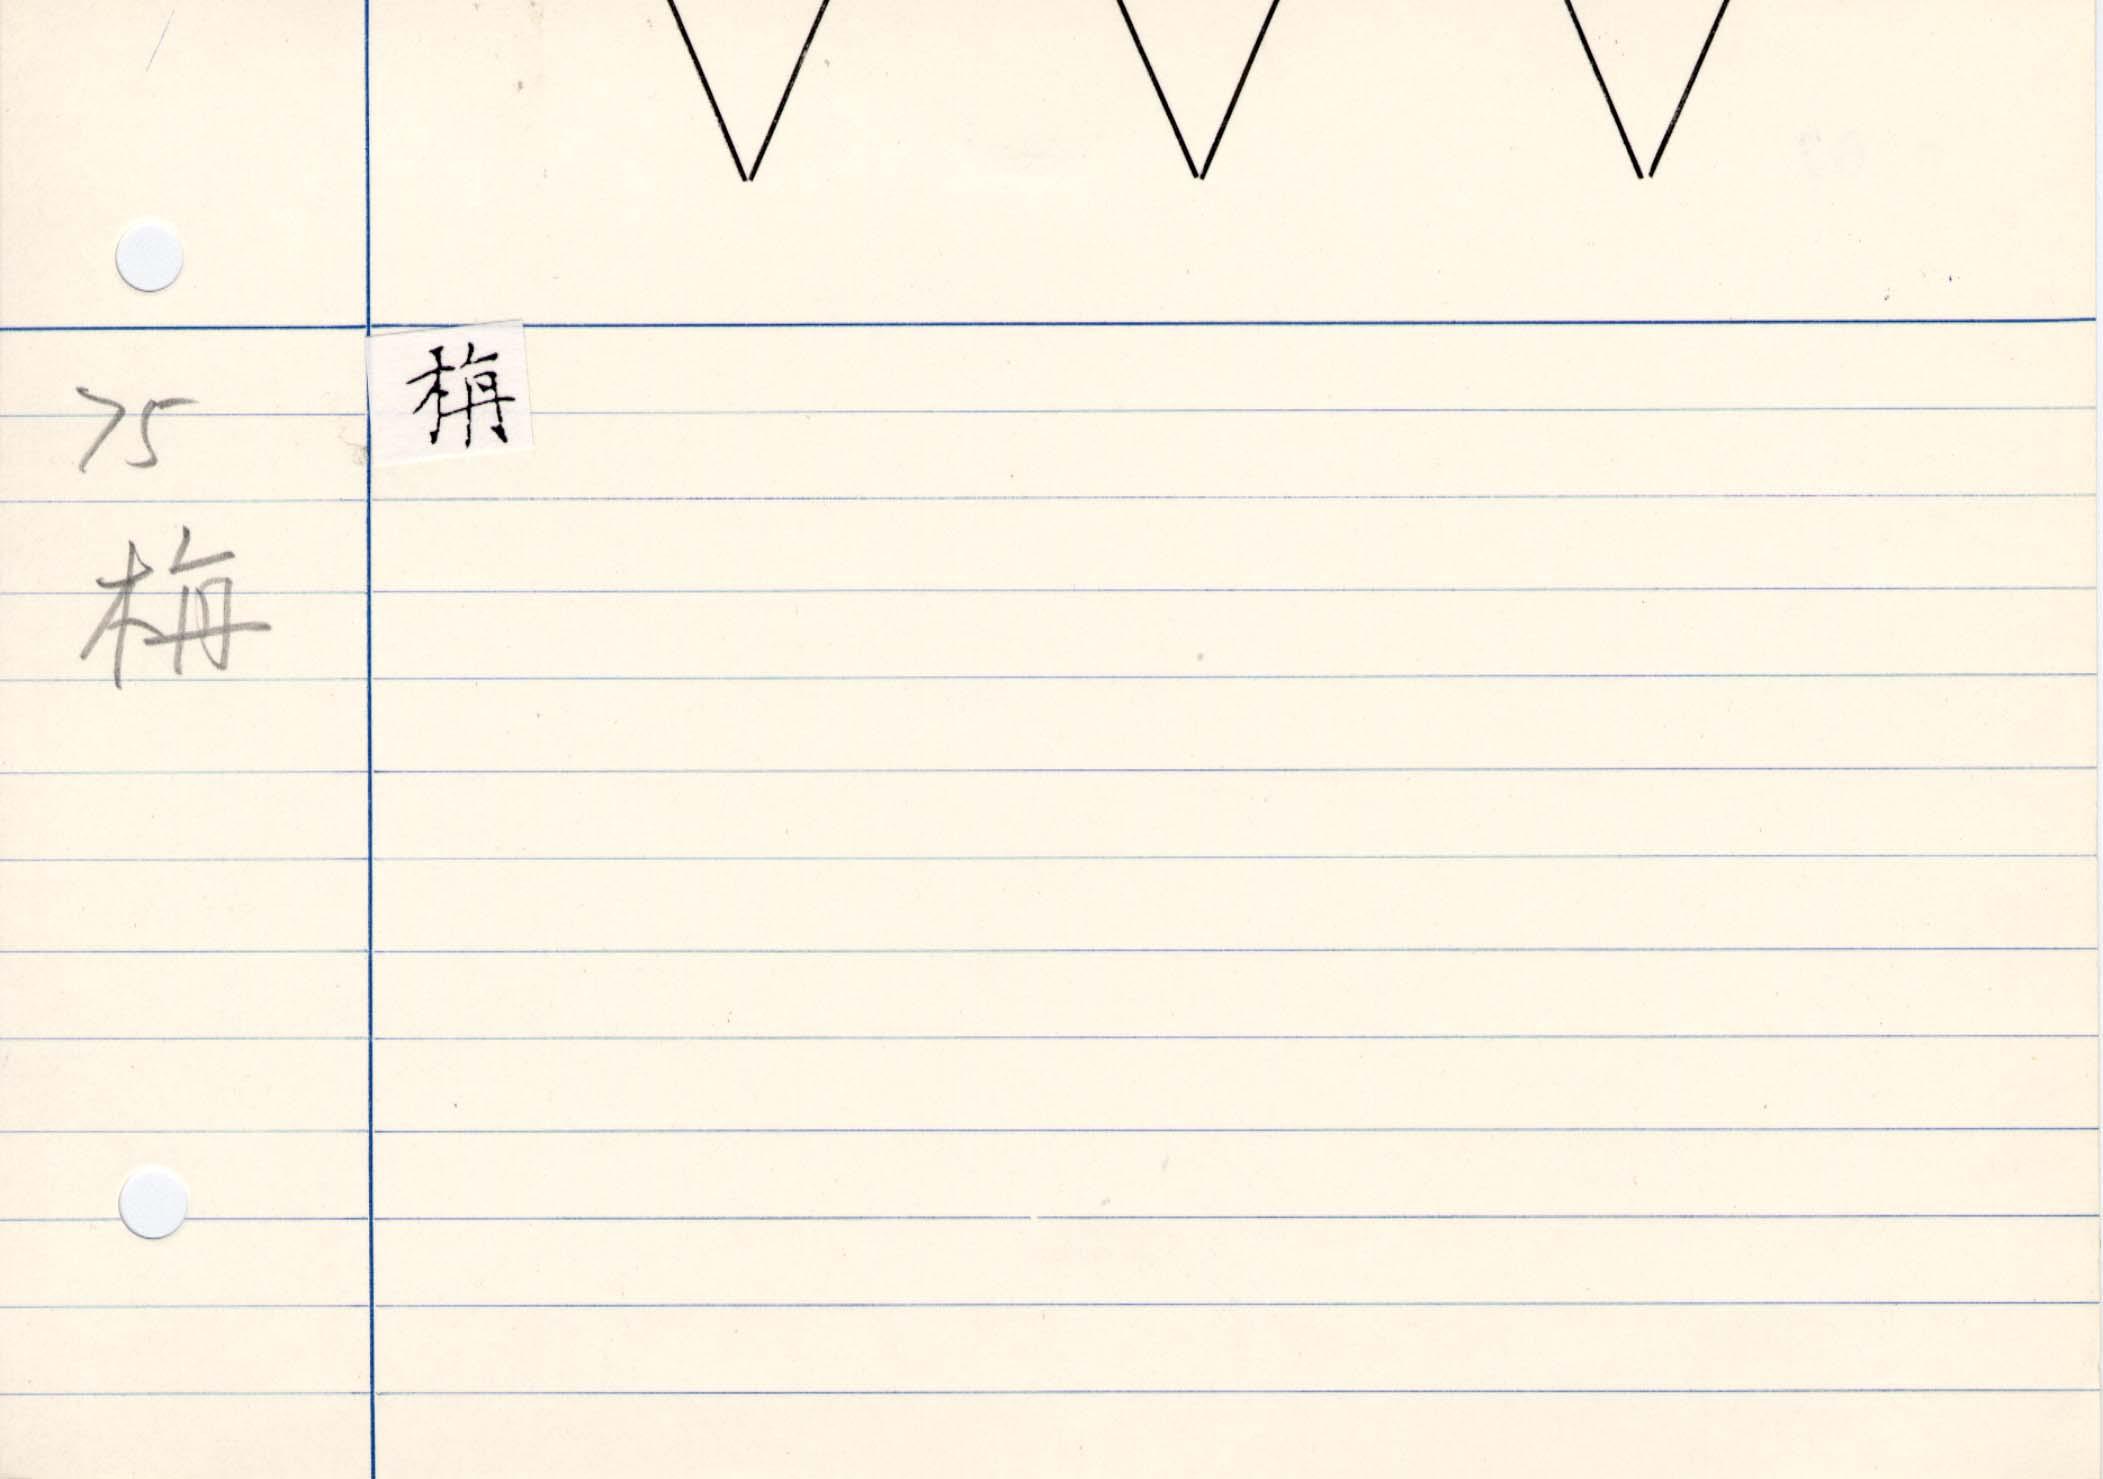 11_妙法蓮華經卷三(守屋本)/cards/0067.jpg